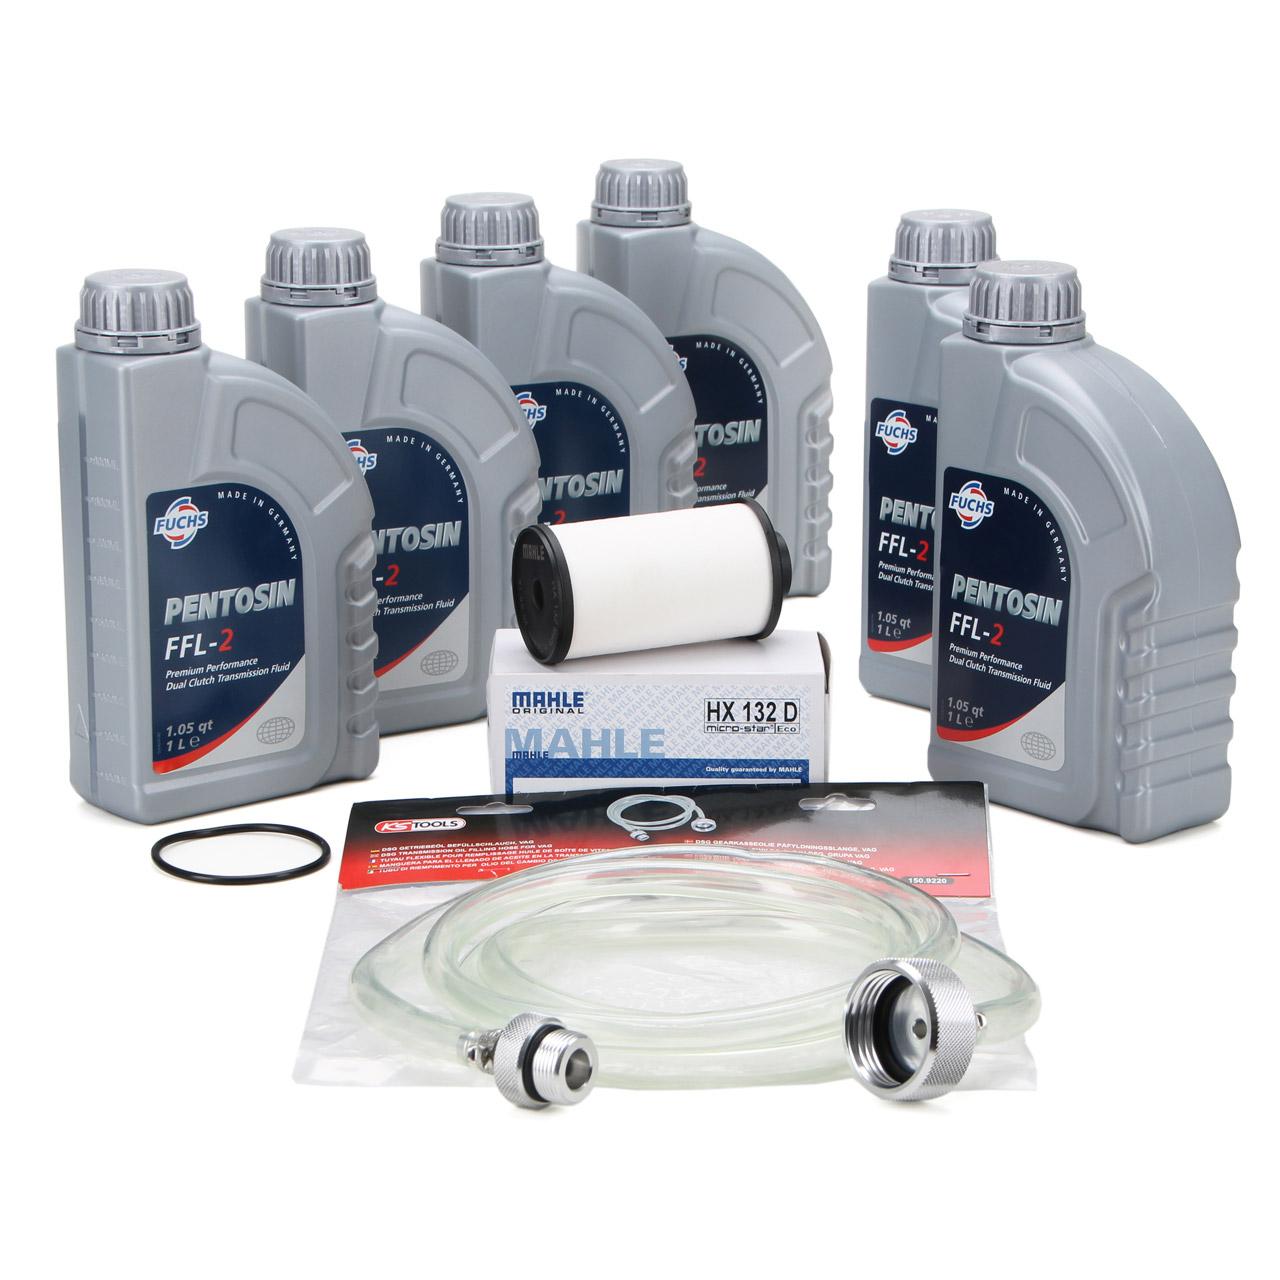 FUCHS Pentosin Getriebeöl DSG FFL-2 - 6L + MAHLE Getriebefilter + Befüllschlauch